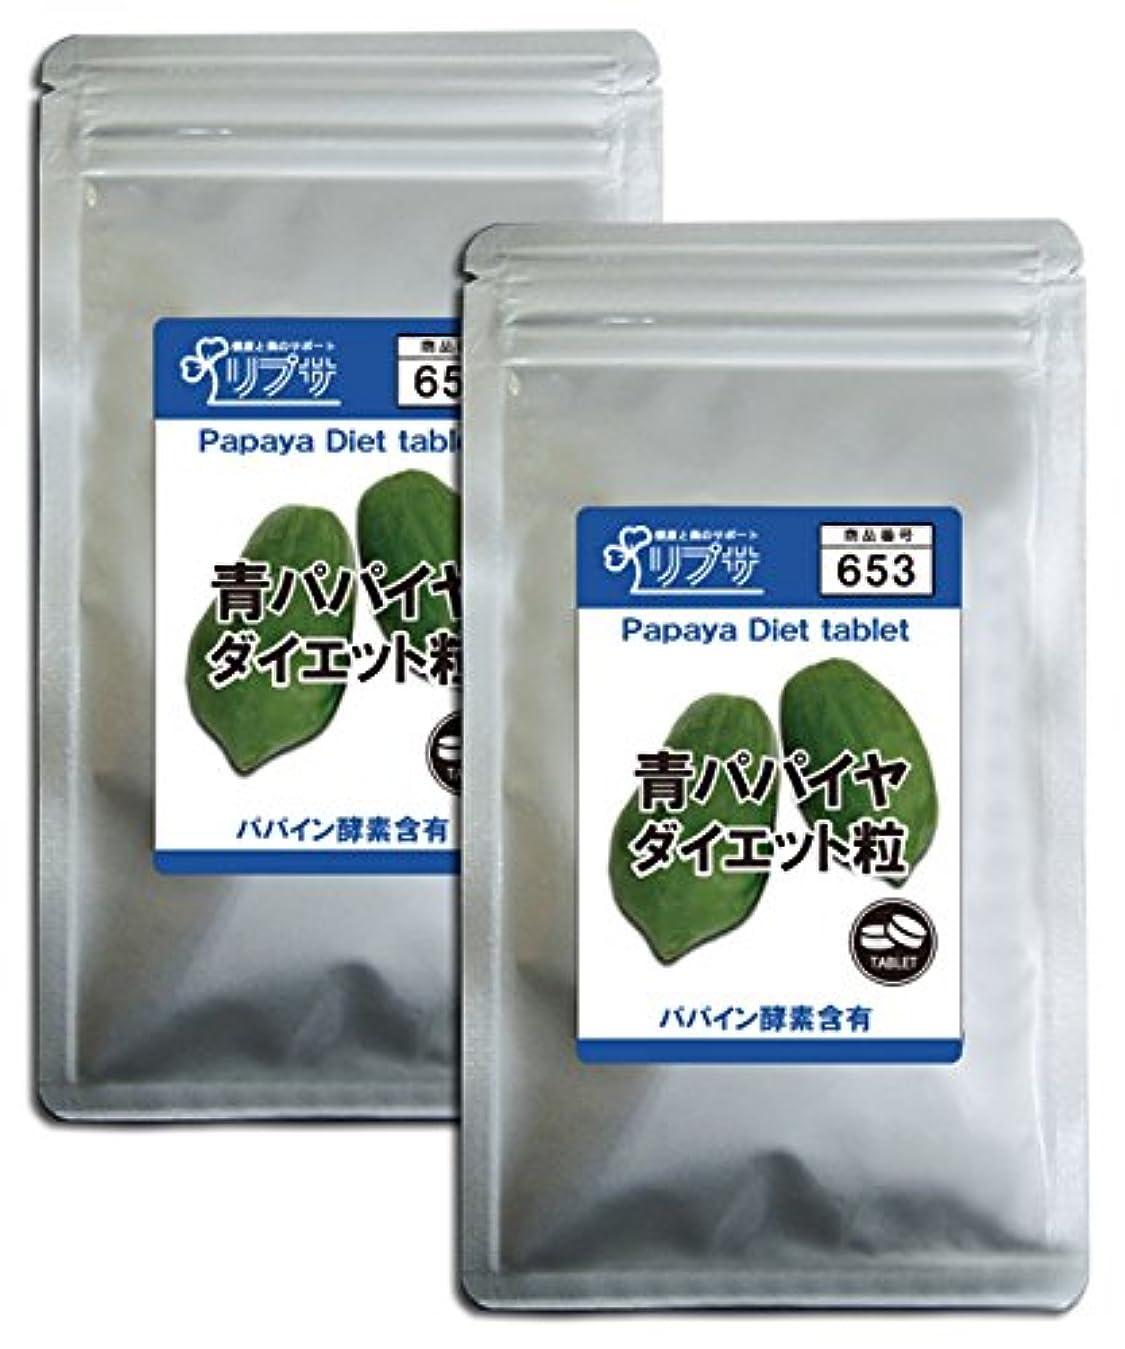 モールス信号サイレン紫の青パパイヤダイエット粒 約3か月分×2袋 T-653-2